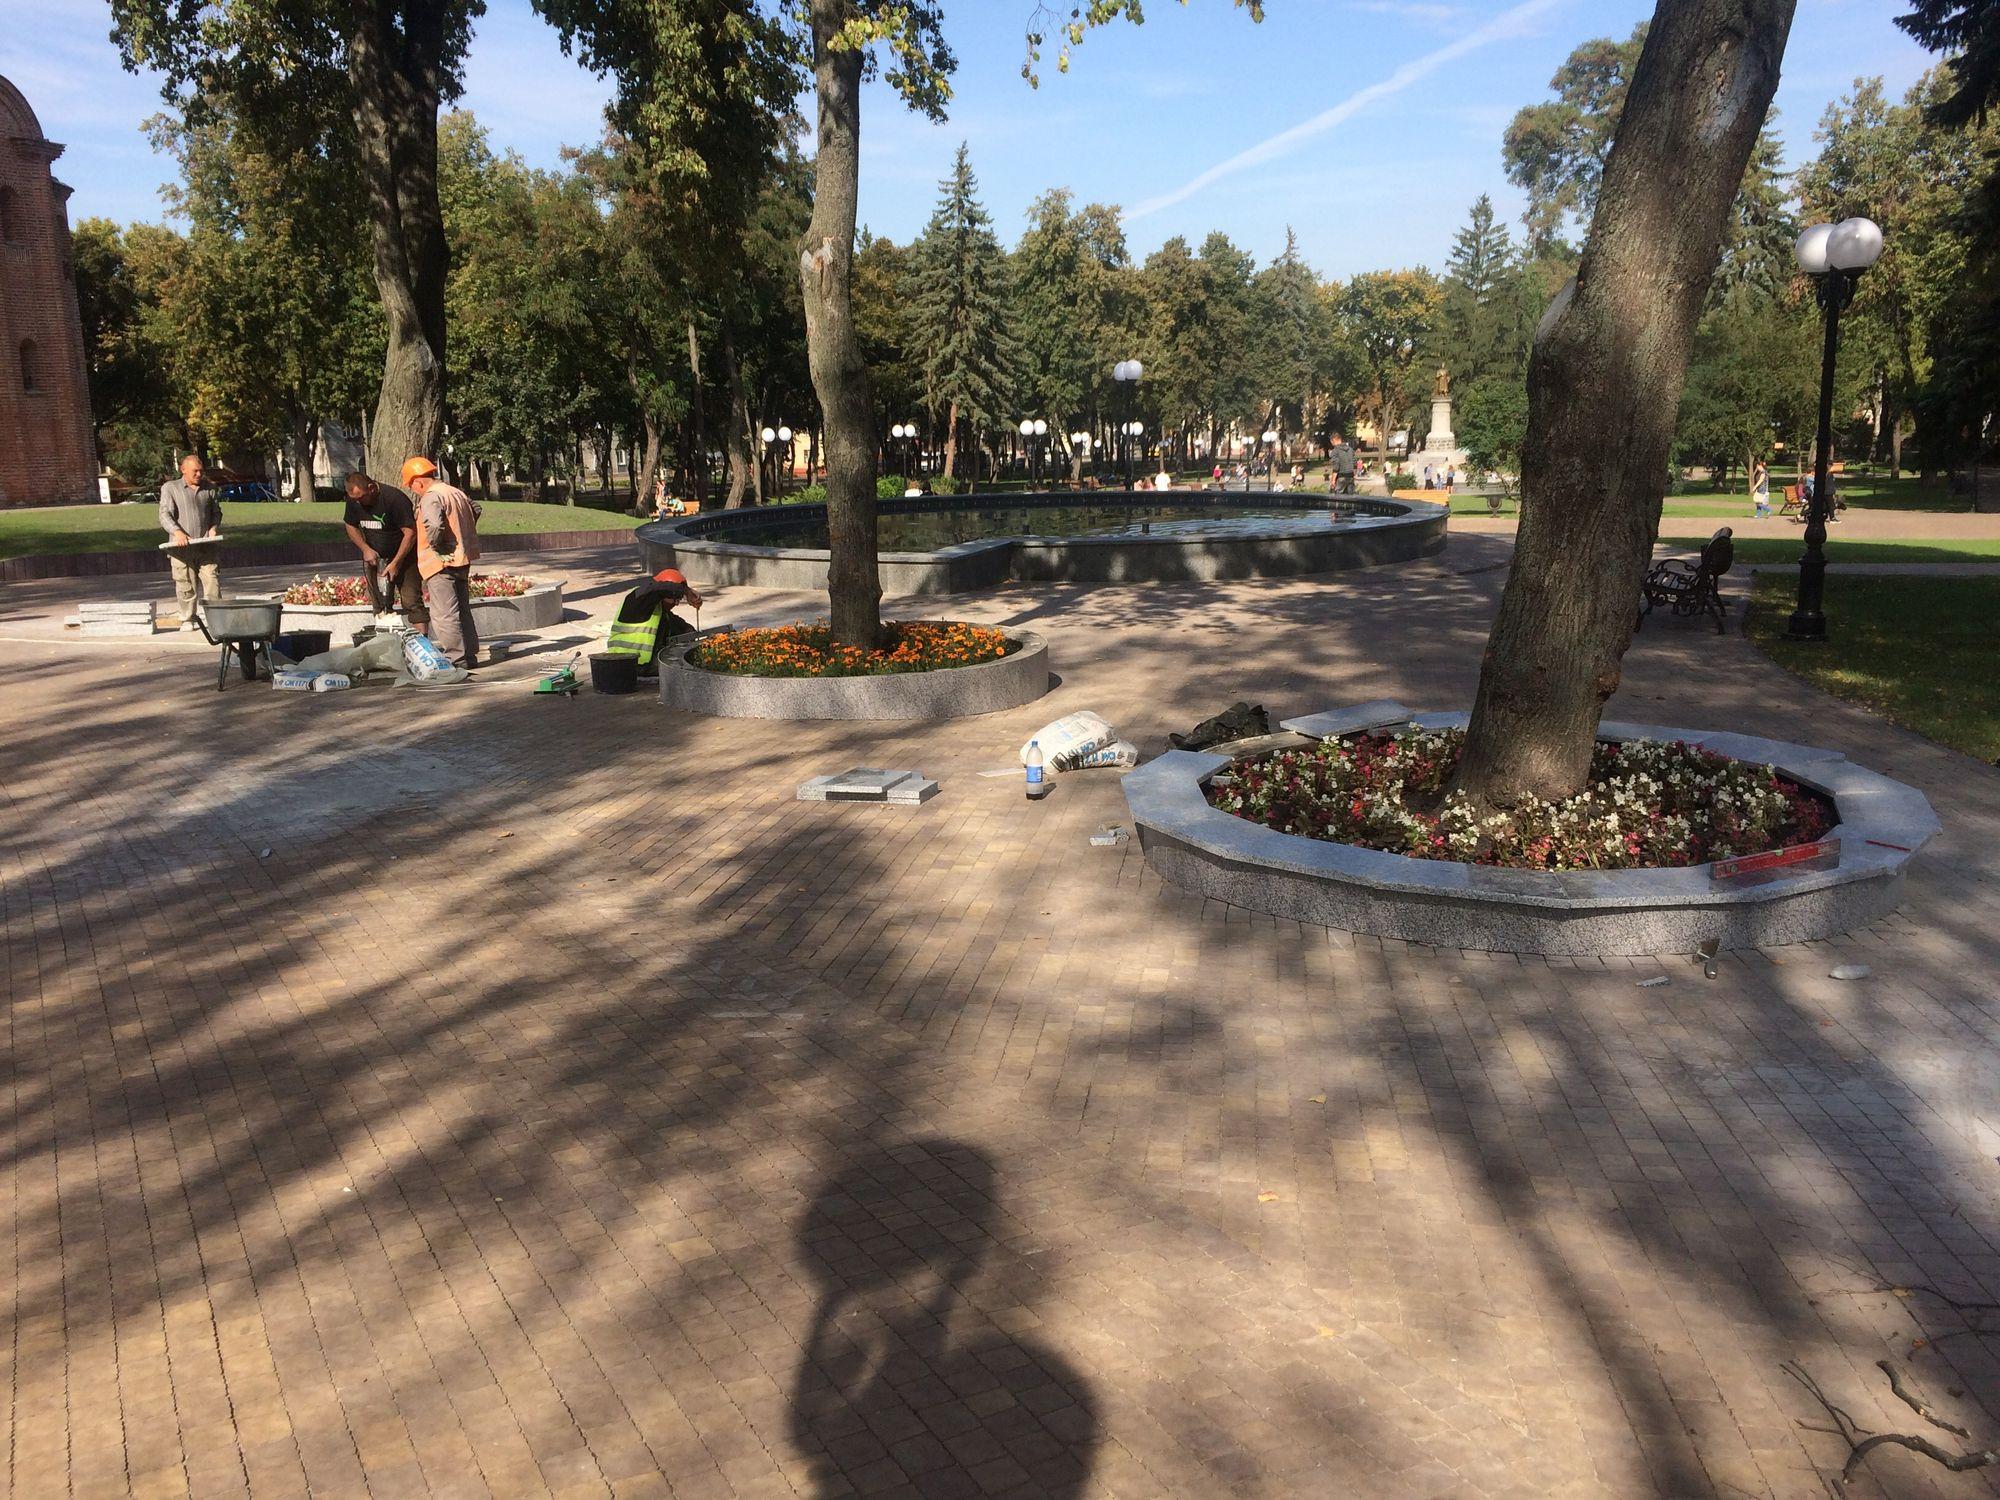 У чернігівському парку навколо дерев з'явились три маленькі клумби (Фото)